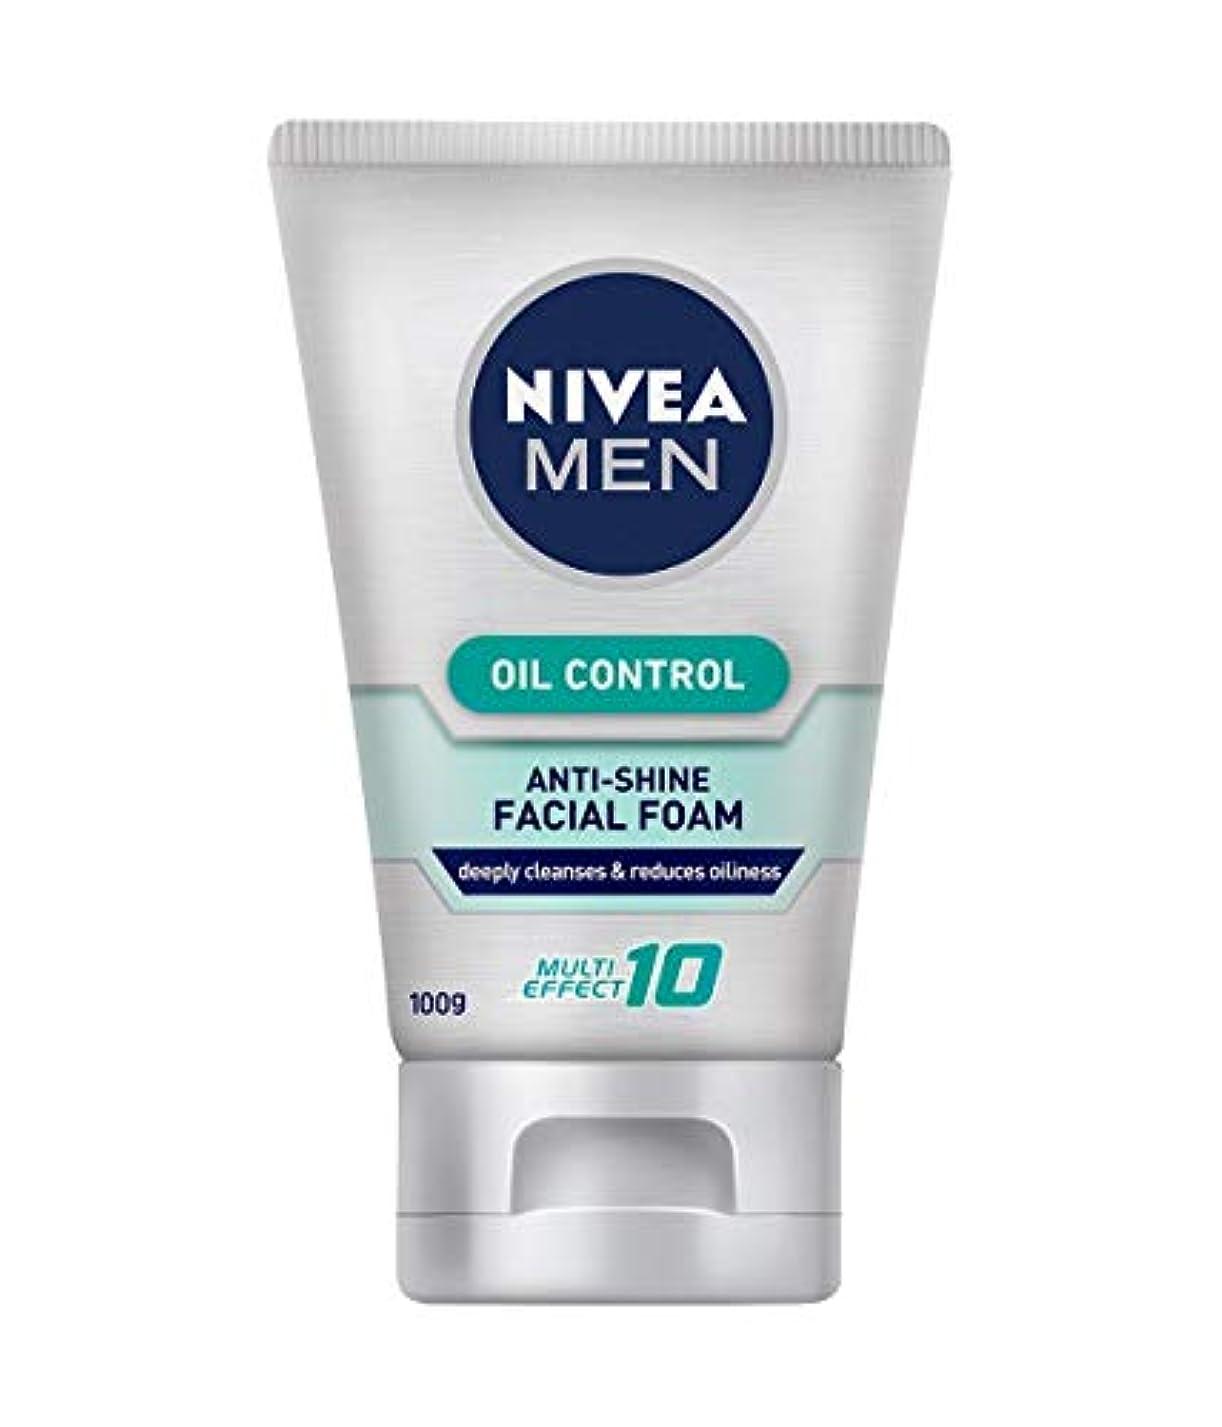 ブルーベルビュッフェスタイルNivea For Men オイルコントロールクレンザー百グラム、にきびの問題を軽減しながら、炎症を和らげます。